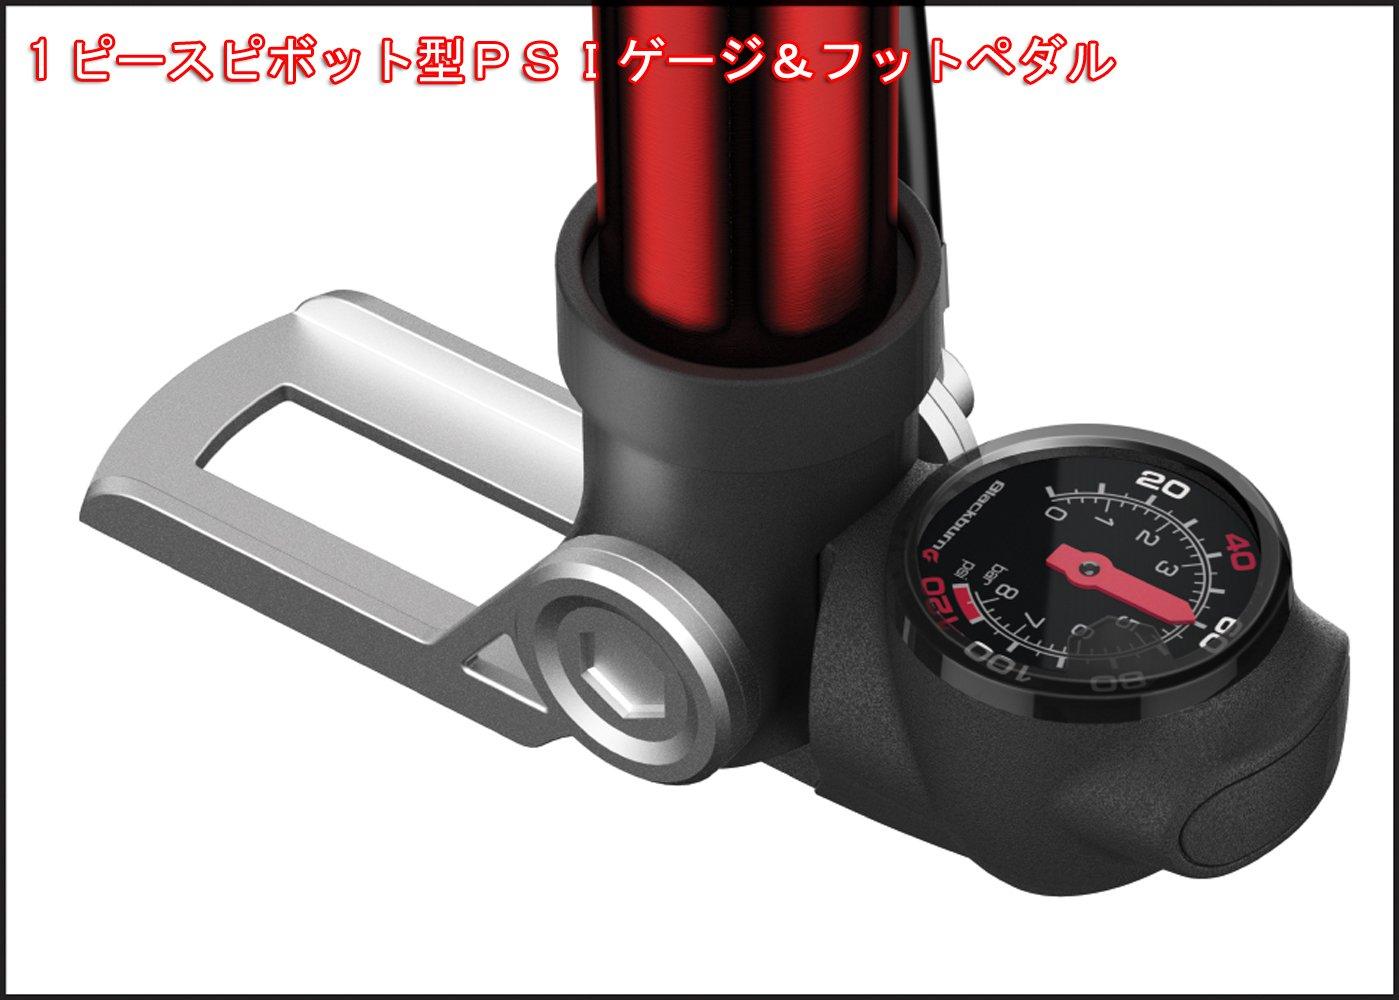 Blackburn Wayside Hybrid Pump, color negro: Amazon.es: Deportes y aire libre